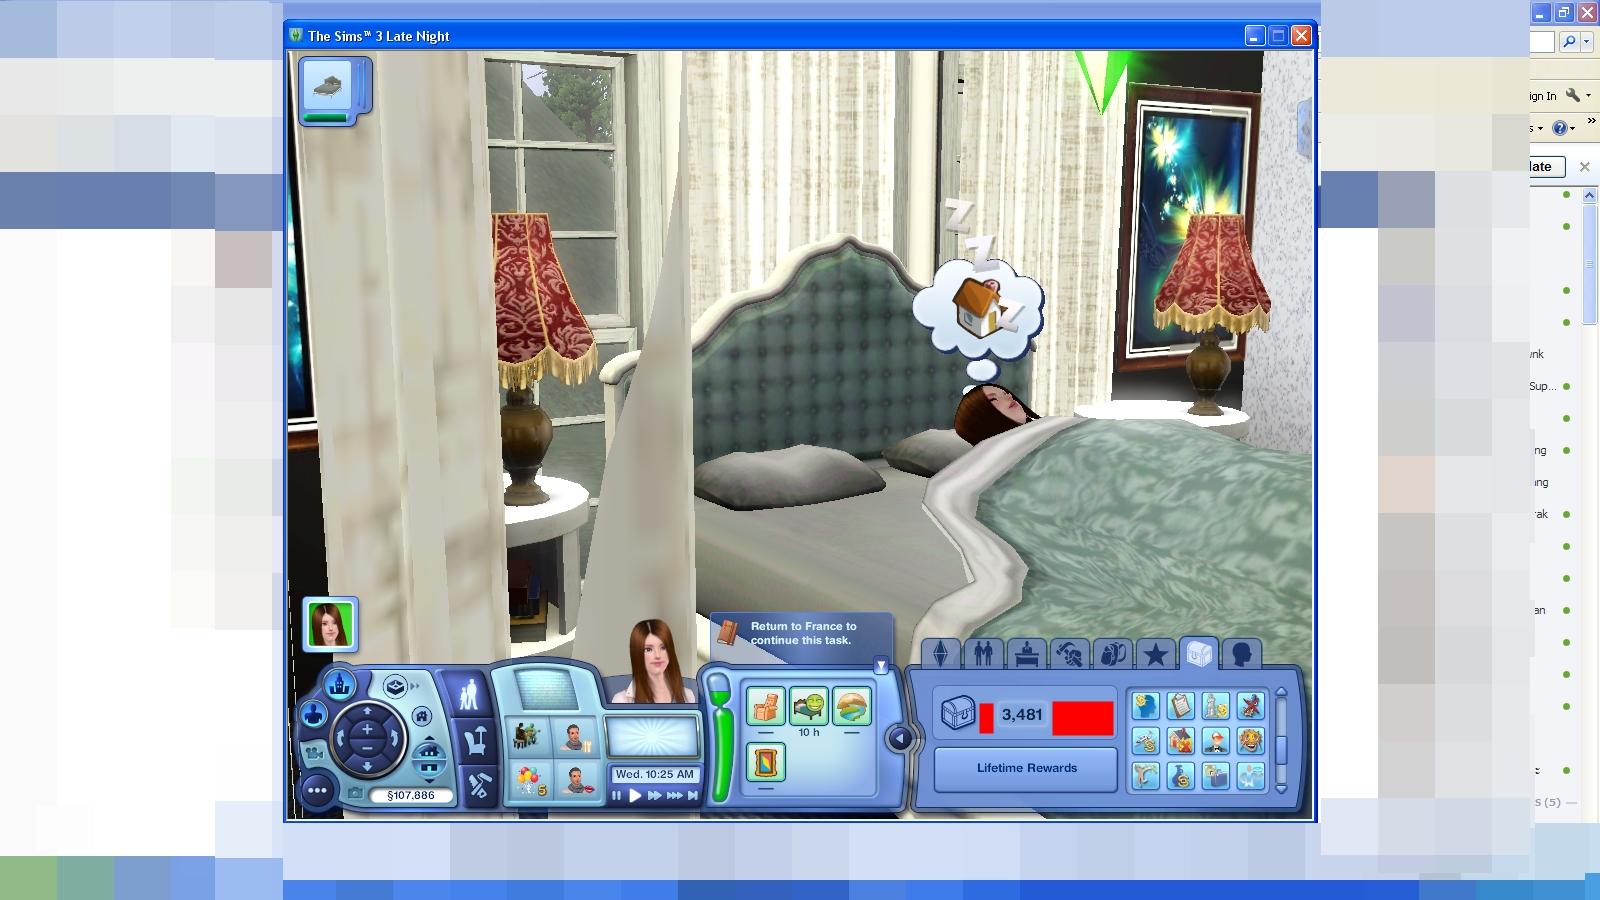 สูตรรางวัลชีวิต The Sims 3